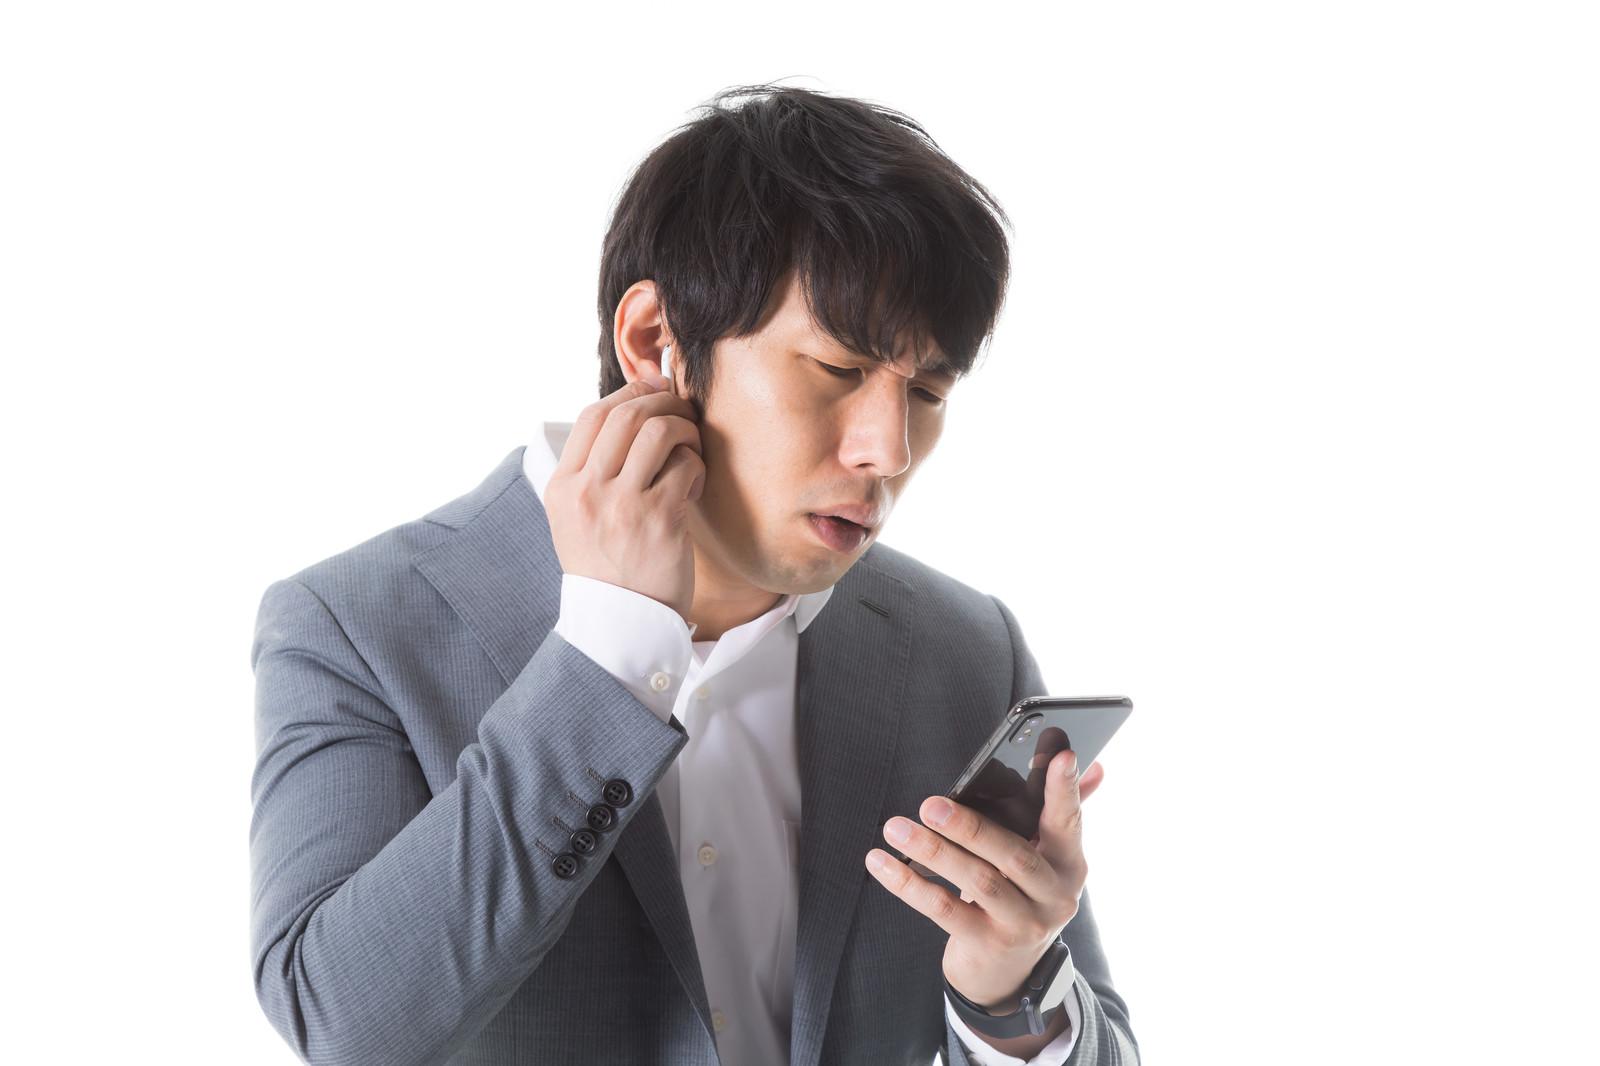 【カラオケ】歌っているときの声と録音した声がだいぶ違うんだけど…。とっちが本当の声なの?